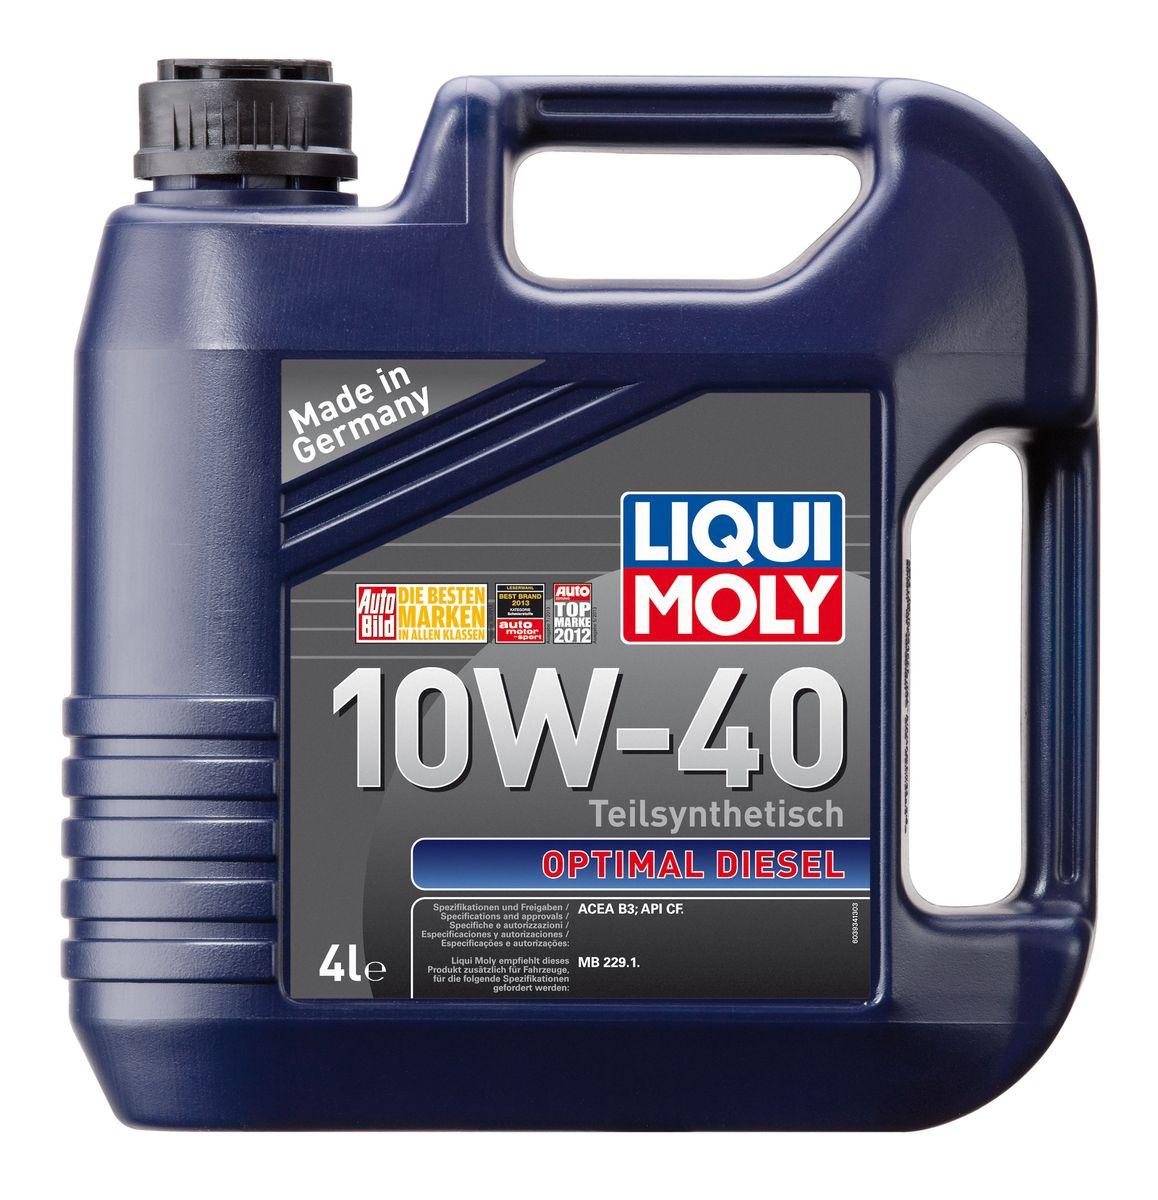 Масло моторное Liqui Moly Optimal Diesel, полусинтетическое, 10W-40, 4 л3934Масло моторное Liqui Moly Optimal Diesel - это полусинтетическое моторное масло специально для дизельных двигателей с адаптированным для российских условий пакетом присадок. Удовлетворяет современным международным стандартам API/ACEA. Подходит для широкого круга дизельных иномарок предыдущих поколений. В моторном масле используются синтетические и минеральные базовые компоненты, отличающиеся высокими защитными свойствами. Масло обеспечивает высокий уровень защиты от износа и гарантирует стабильное поступление масла ко всем деталям двигателя. Особенности: - Специальная формула для дизельных двигателей без сажевого фильтра - Надежная защита от износа - Низкий расход масла - Оптимальная чистота двигателя